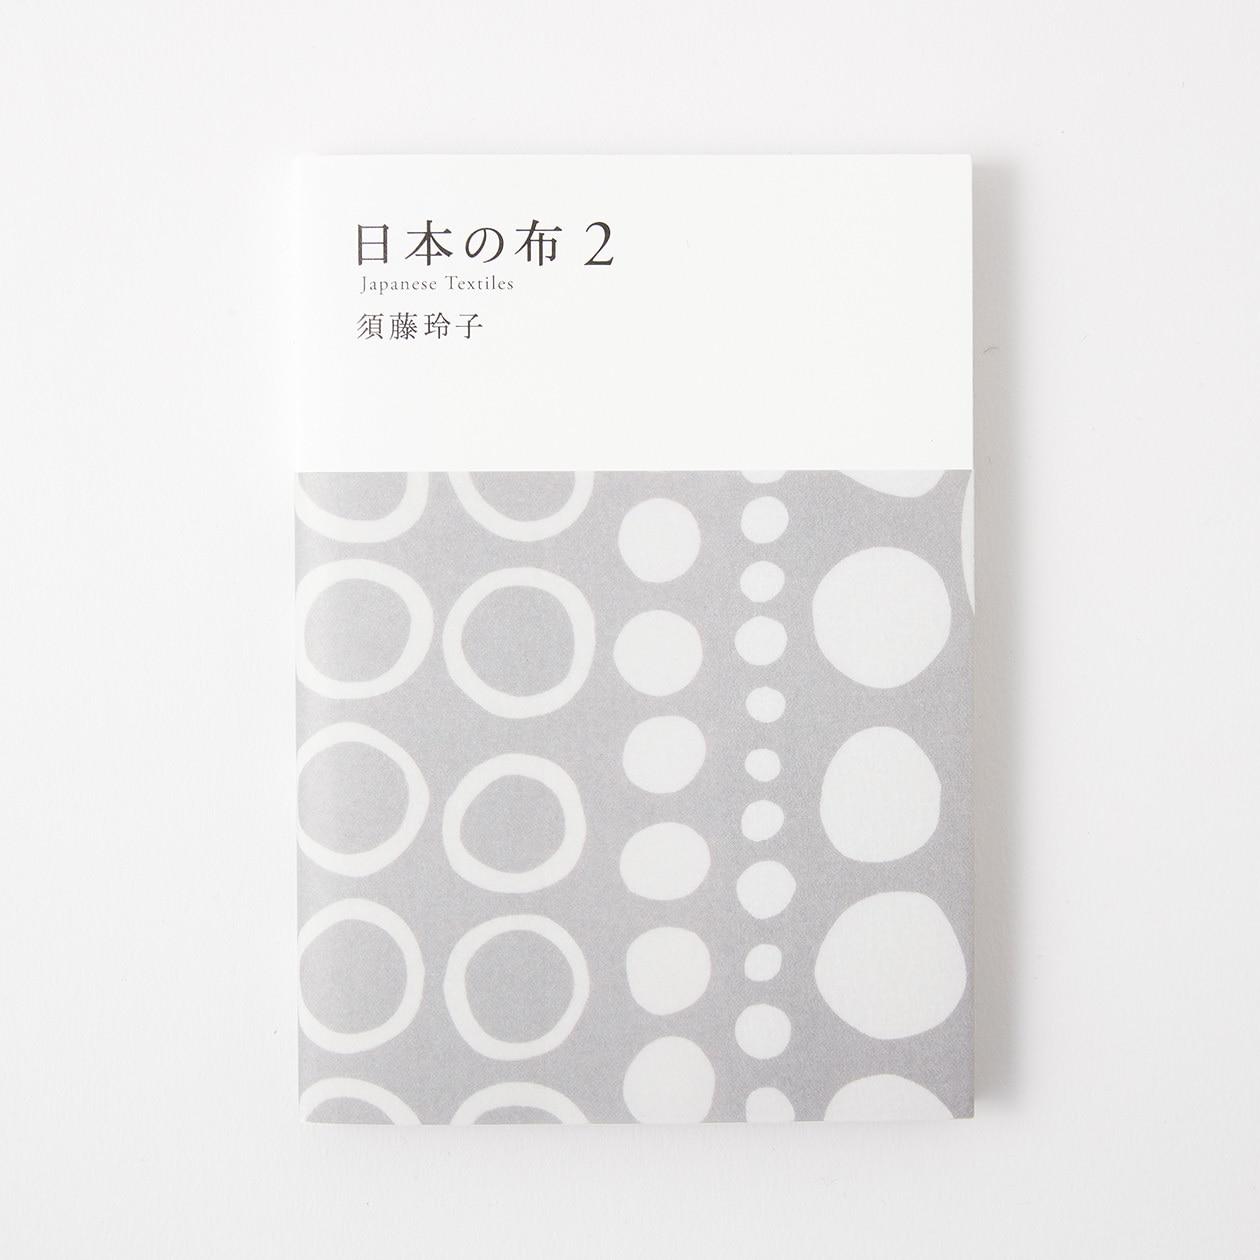 日本の布2